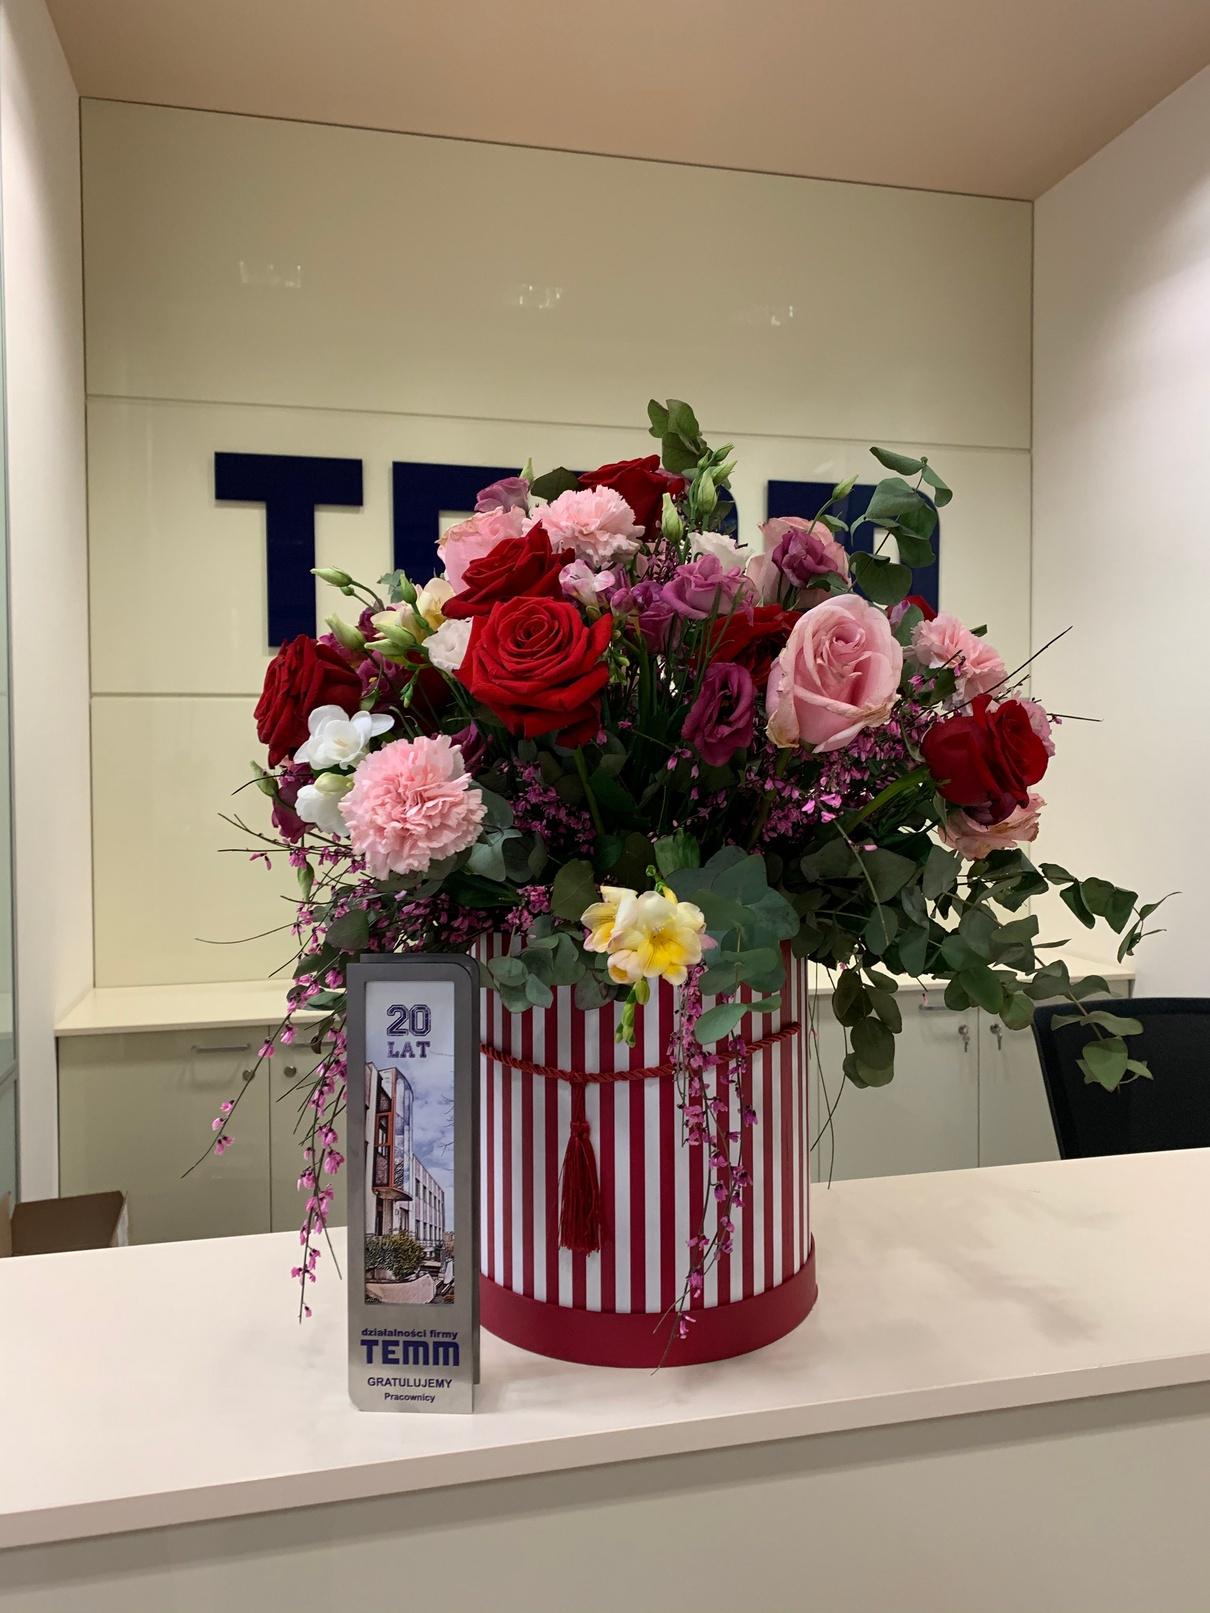 Zdjęcie bukietu kwiatów i statuetki to prezent od pracowników